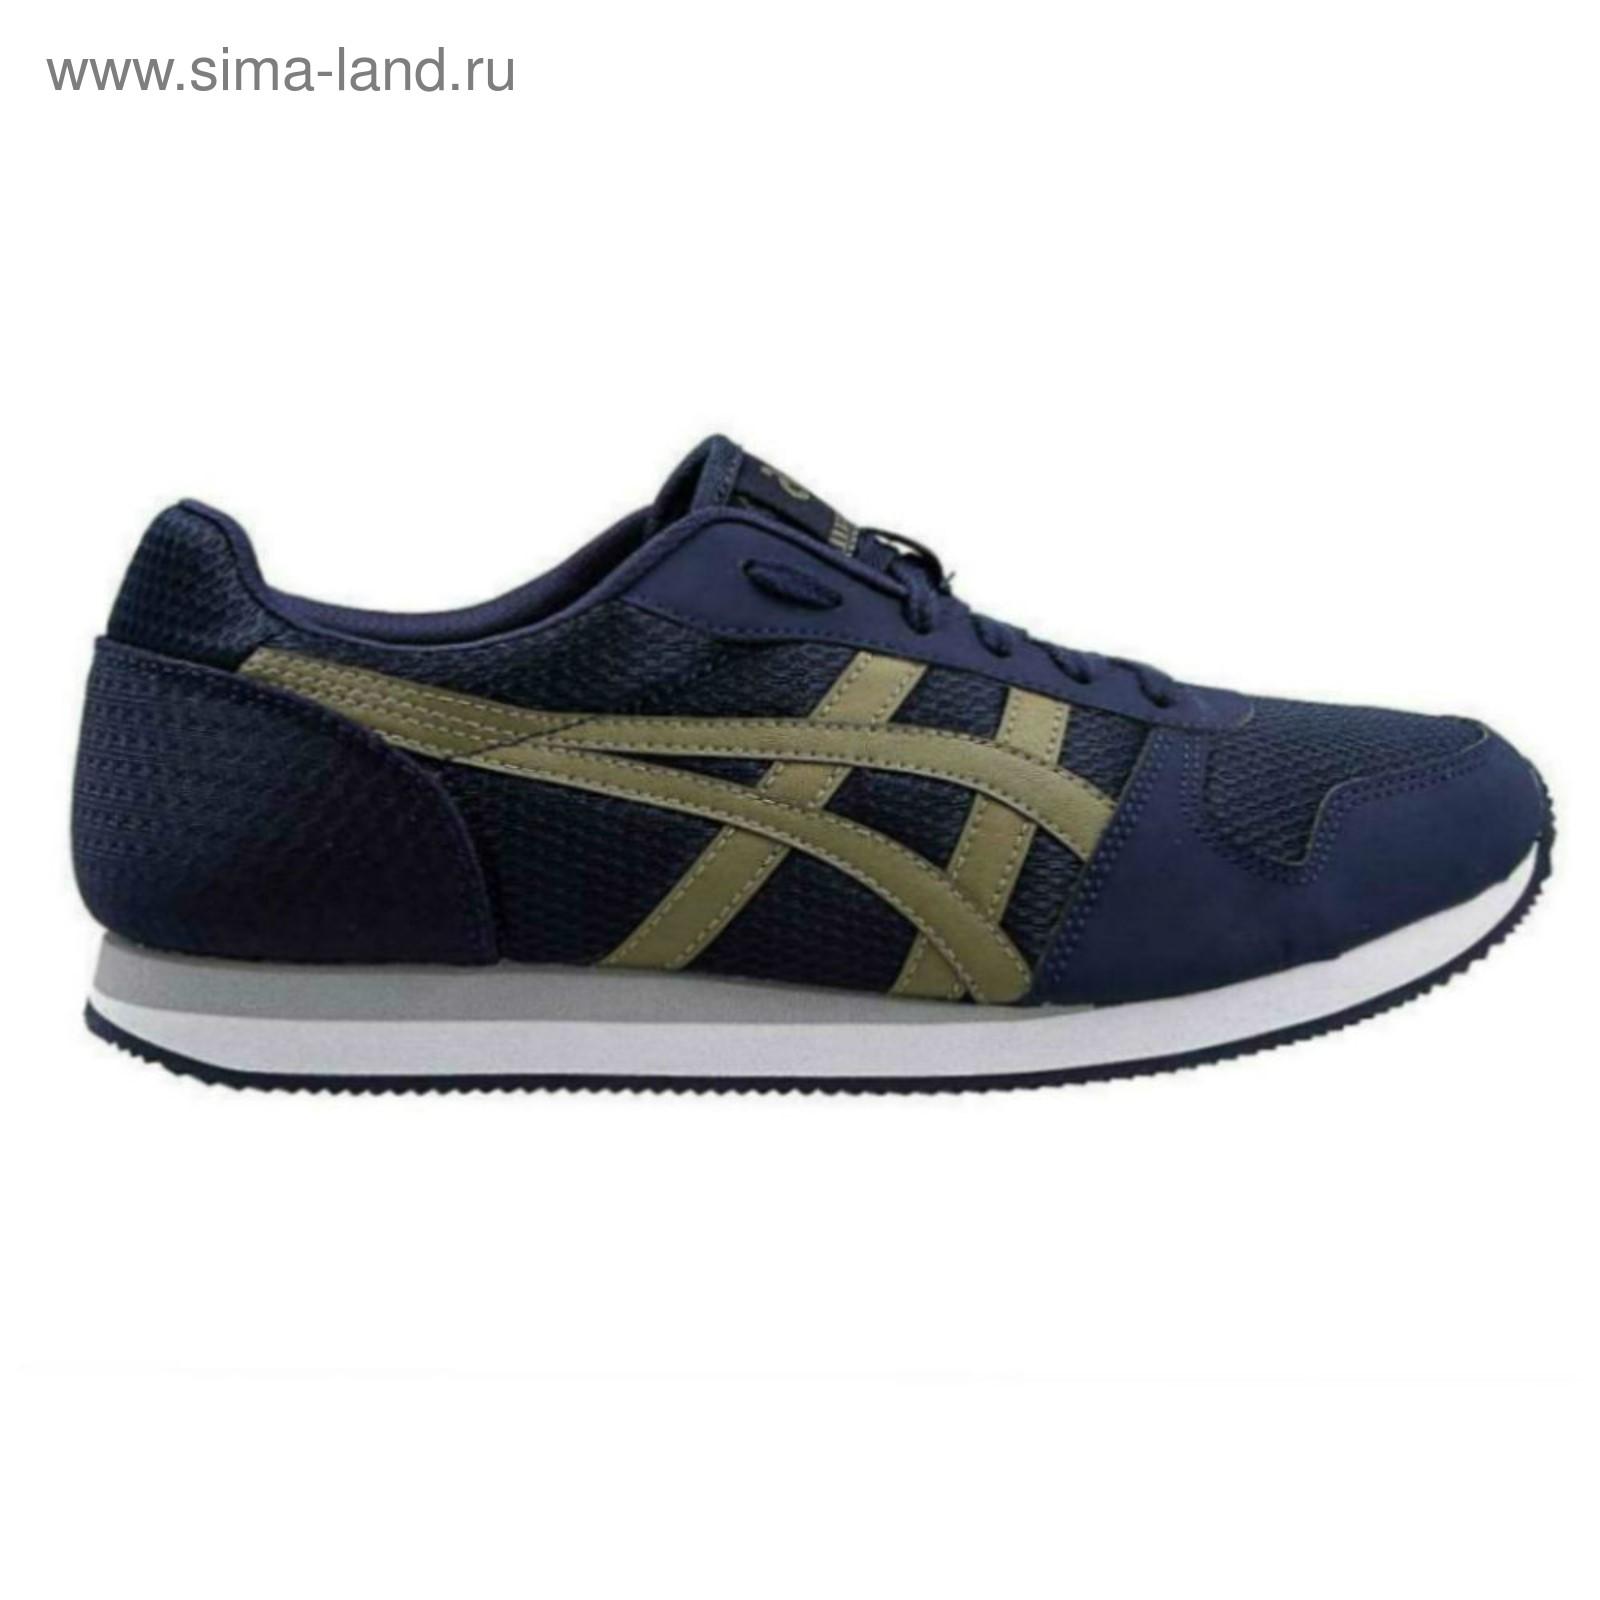 41393bf3 Спортивная обувь ASICS HN7A0 5808 CURREO ll 7 (2836563) - Купить по ...